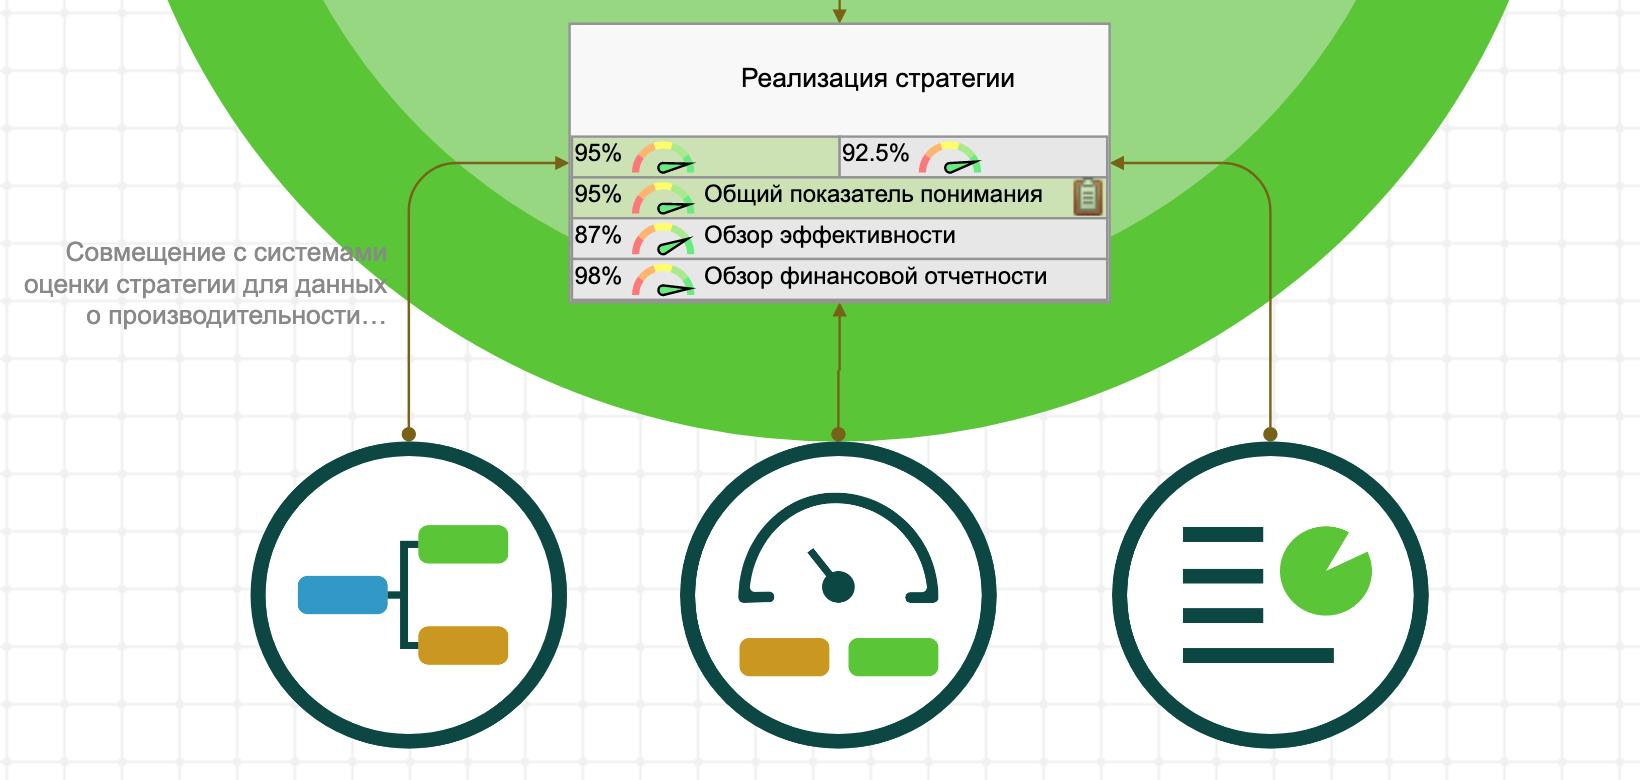 KPI для исполнения стратегии